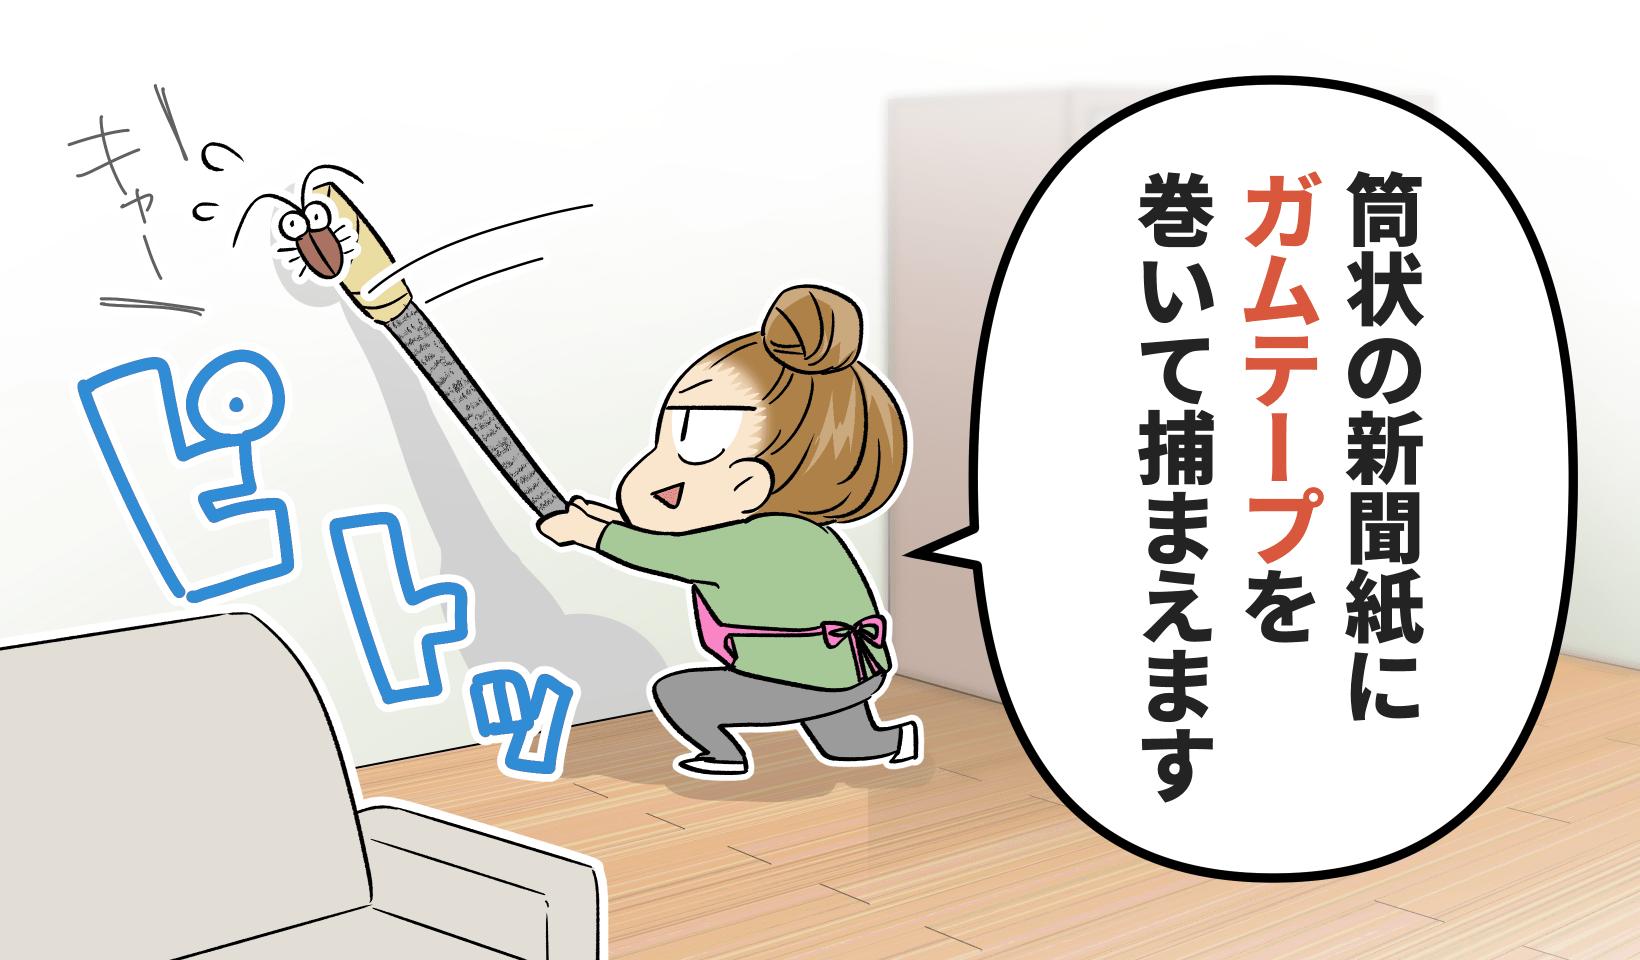 新聞紙をまるめてガムテープをくっつけた棒で捕まえる女性